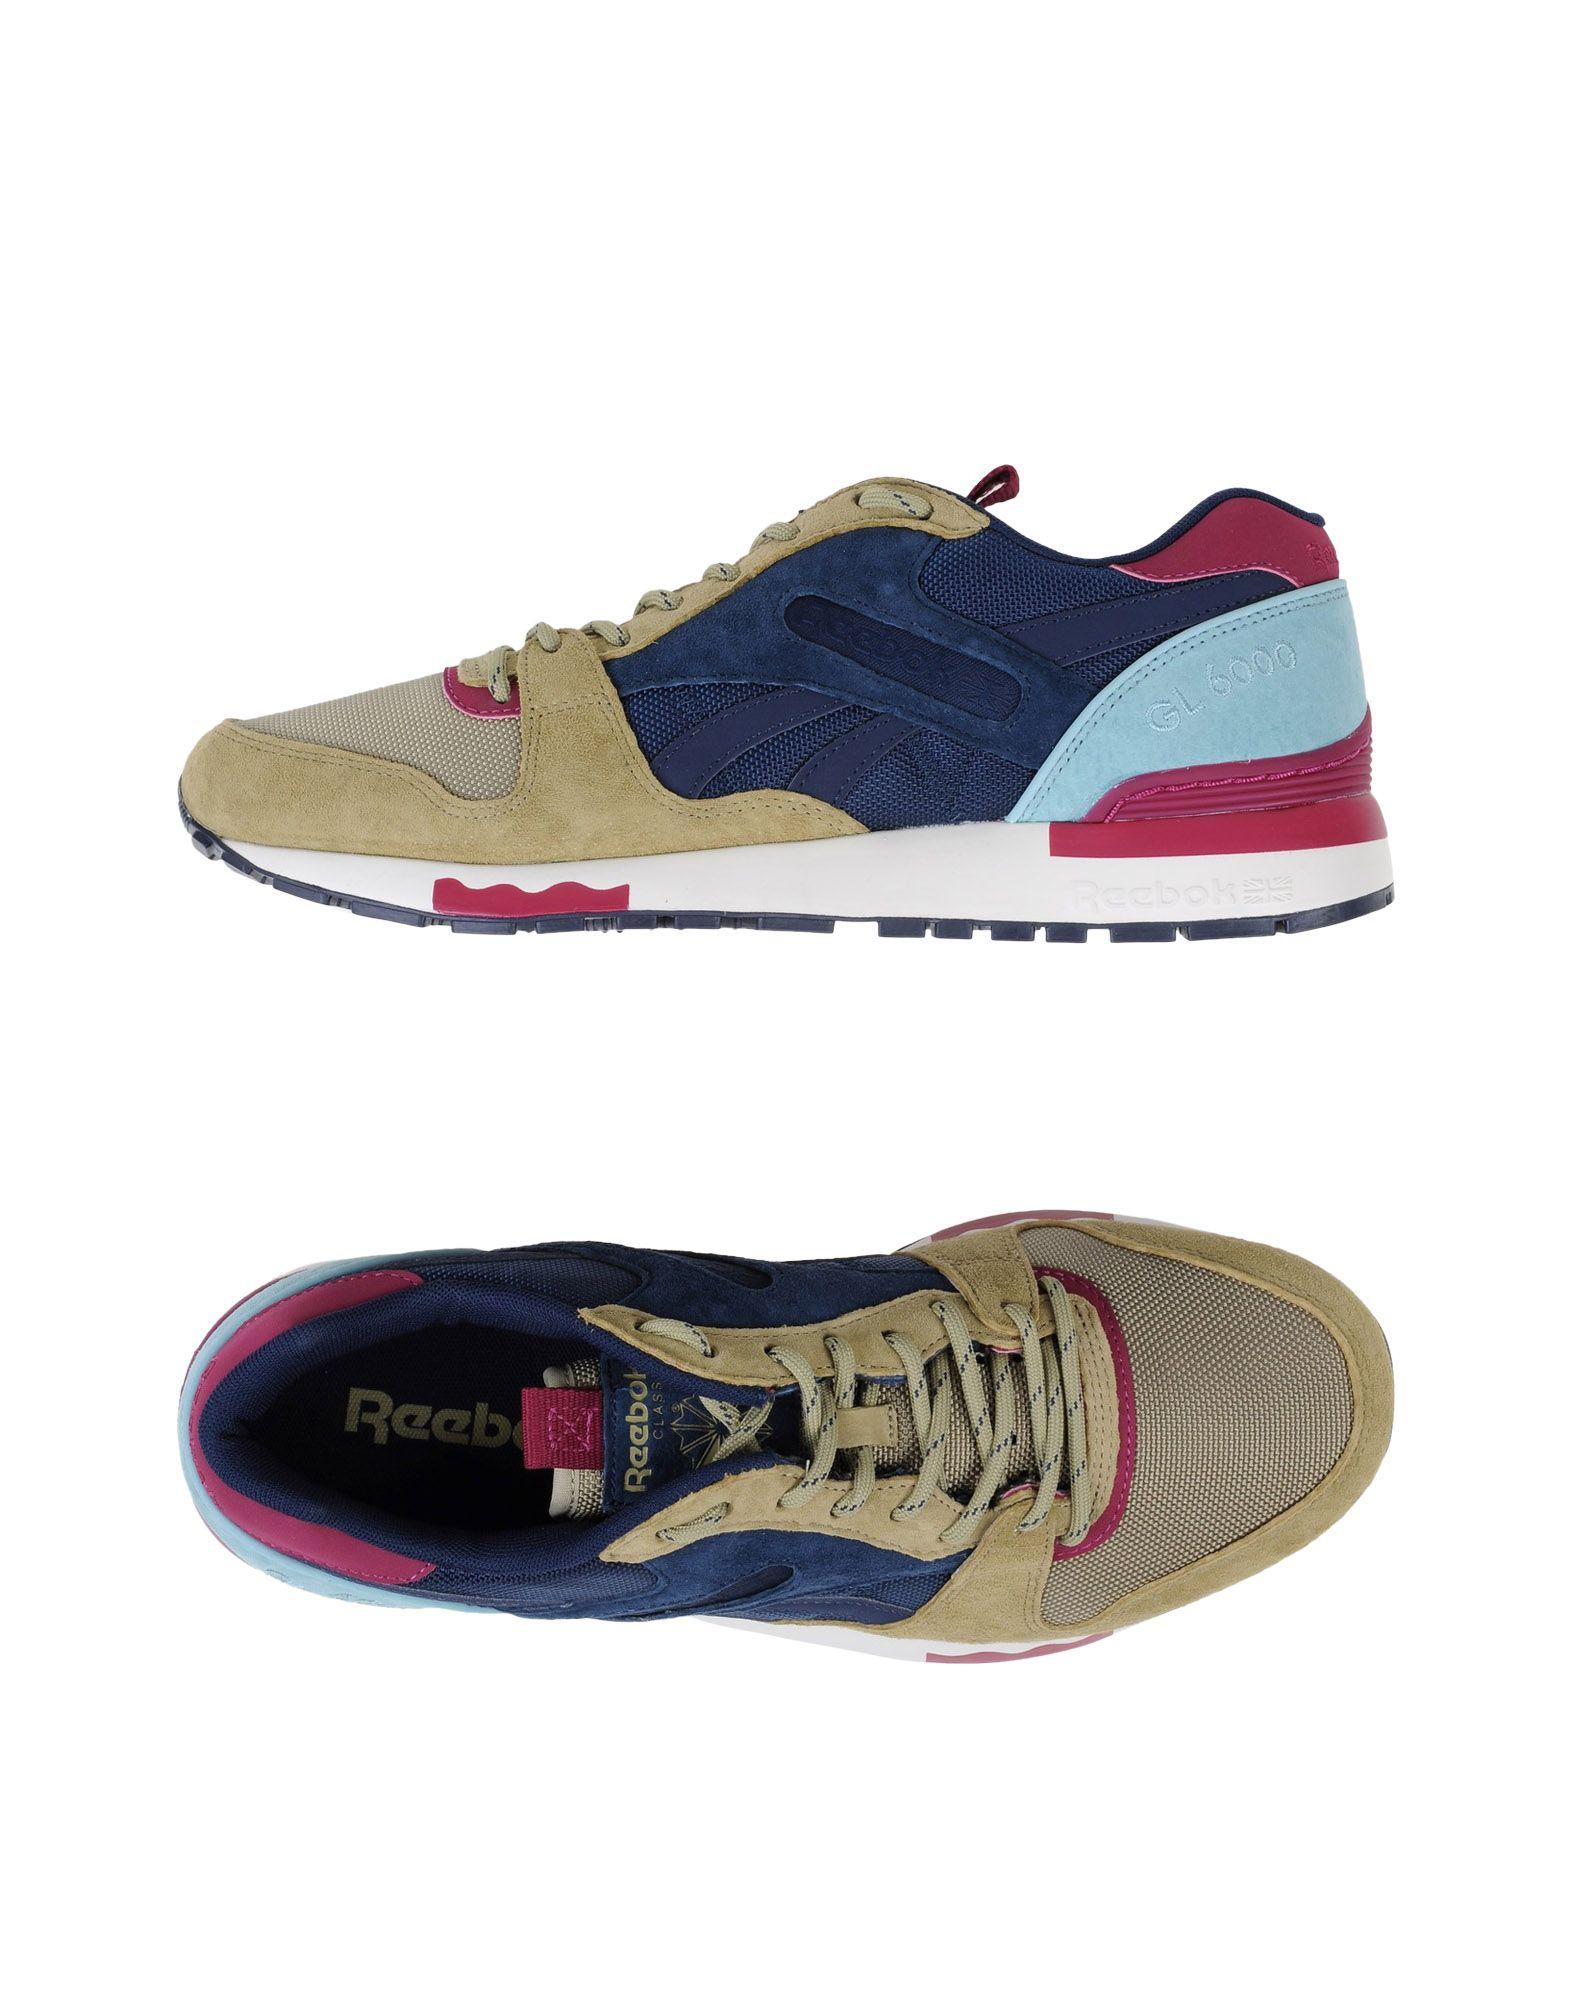 Sneakers Reebok Uomo Gl 6000 Bp - Uomo Reebok - 11135649KD 2e9ccd